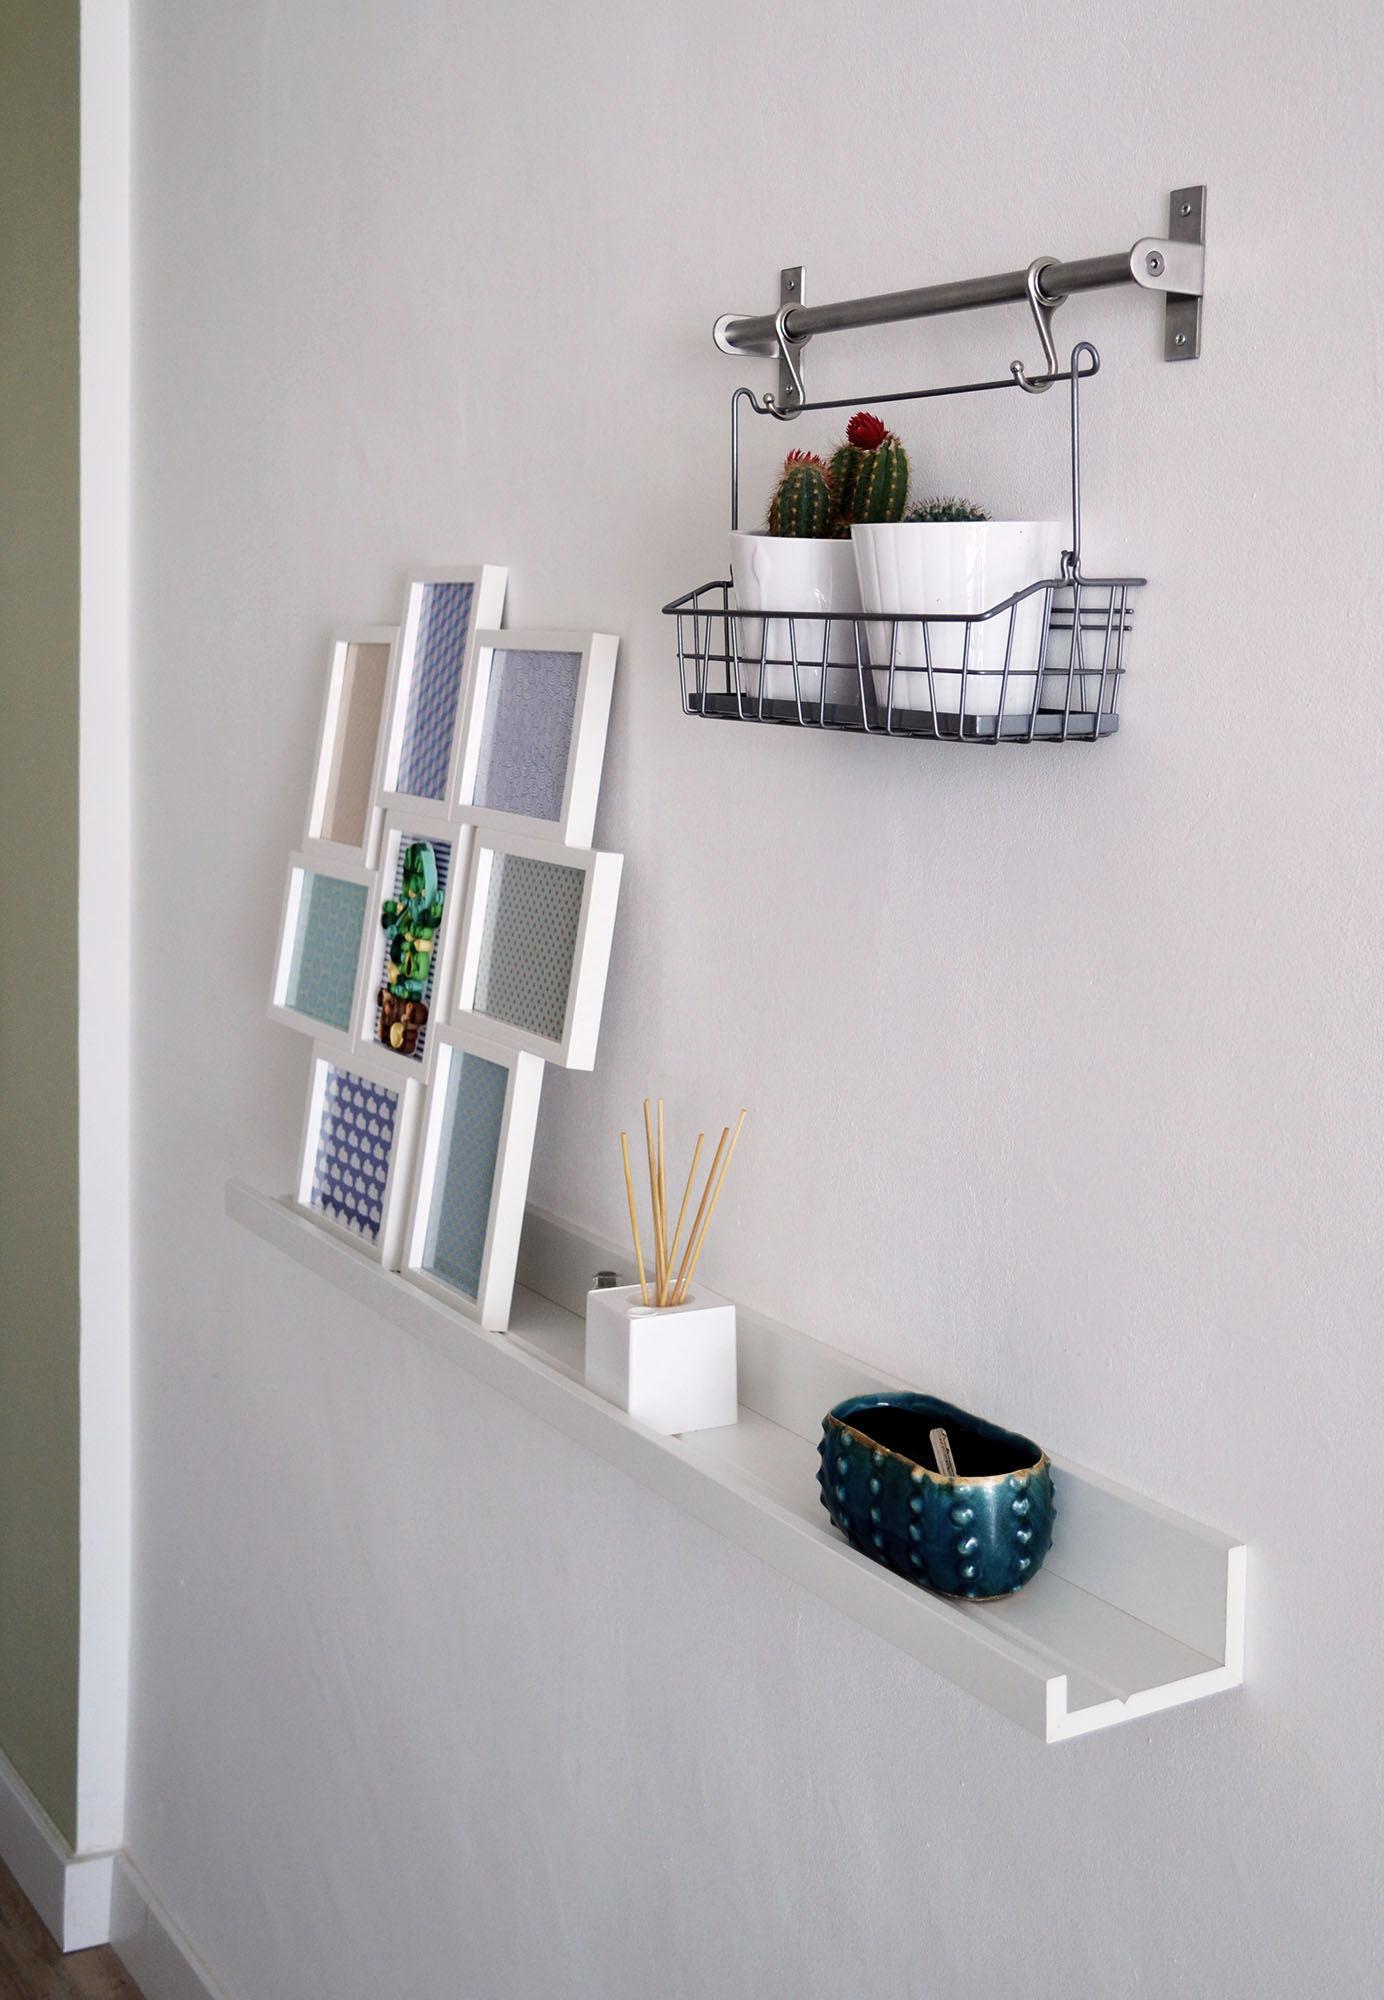 Muebles estrechos para recibidor trendy ideas baratas para decorar tu recibidor with muebles - Mueble zapatero estrecho ...